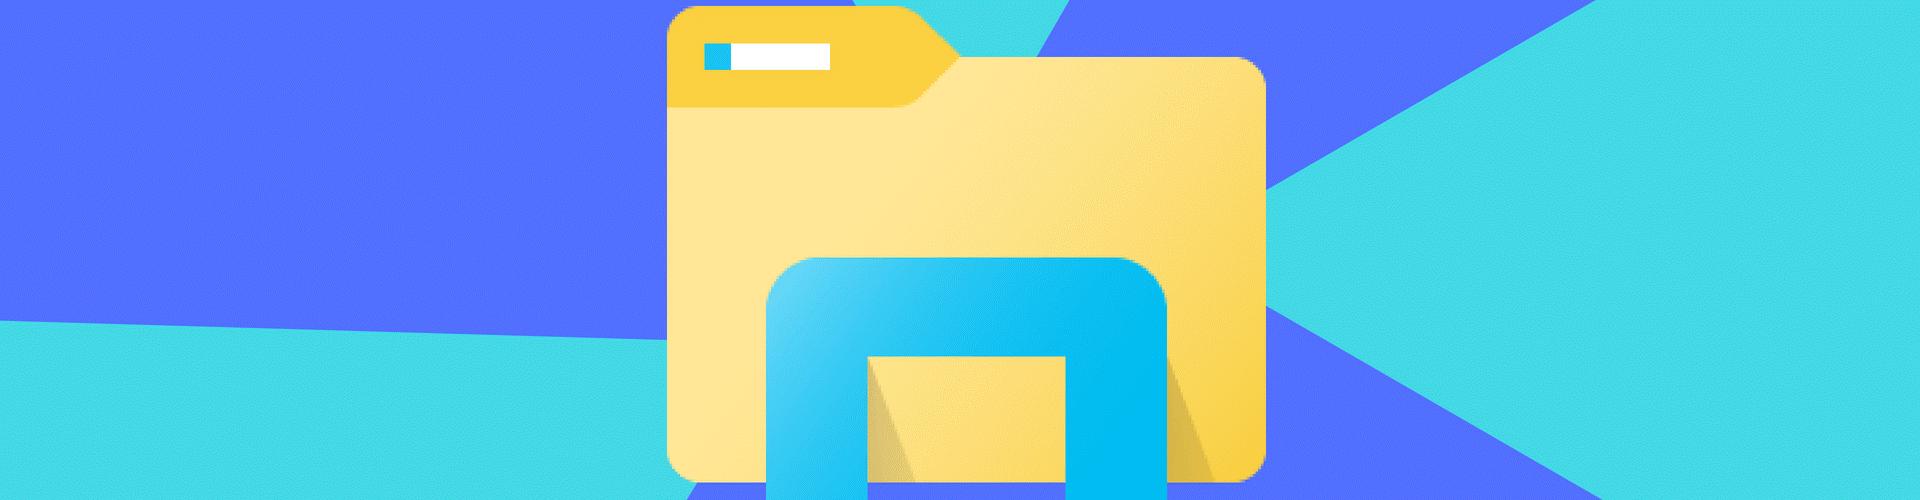 Windows : Explorateur de fichiers